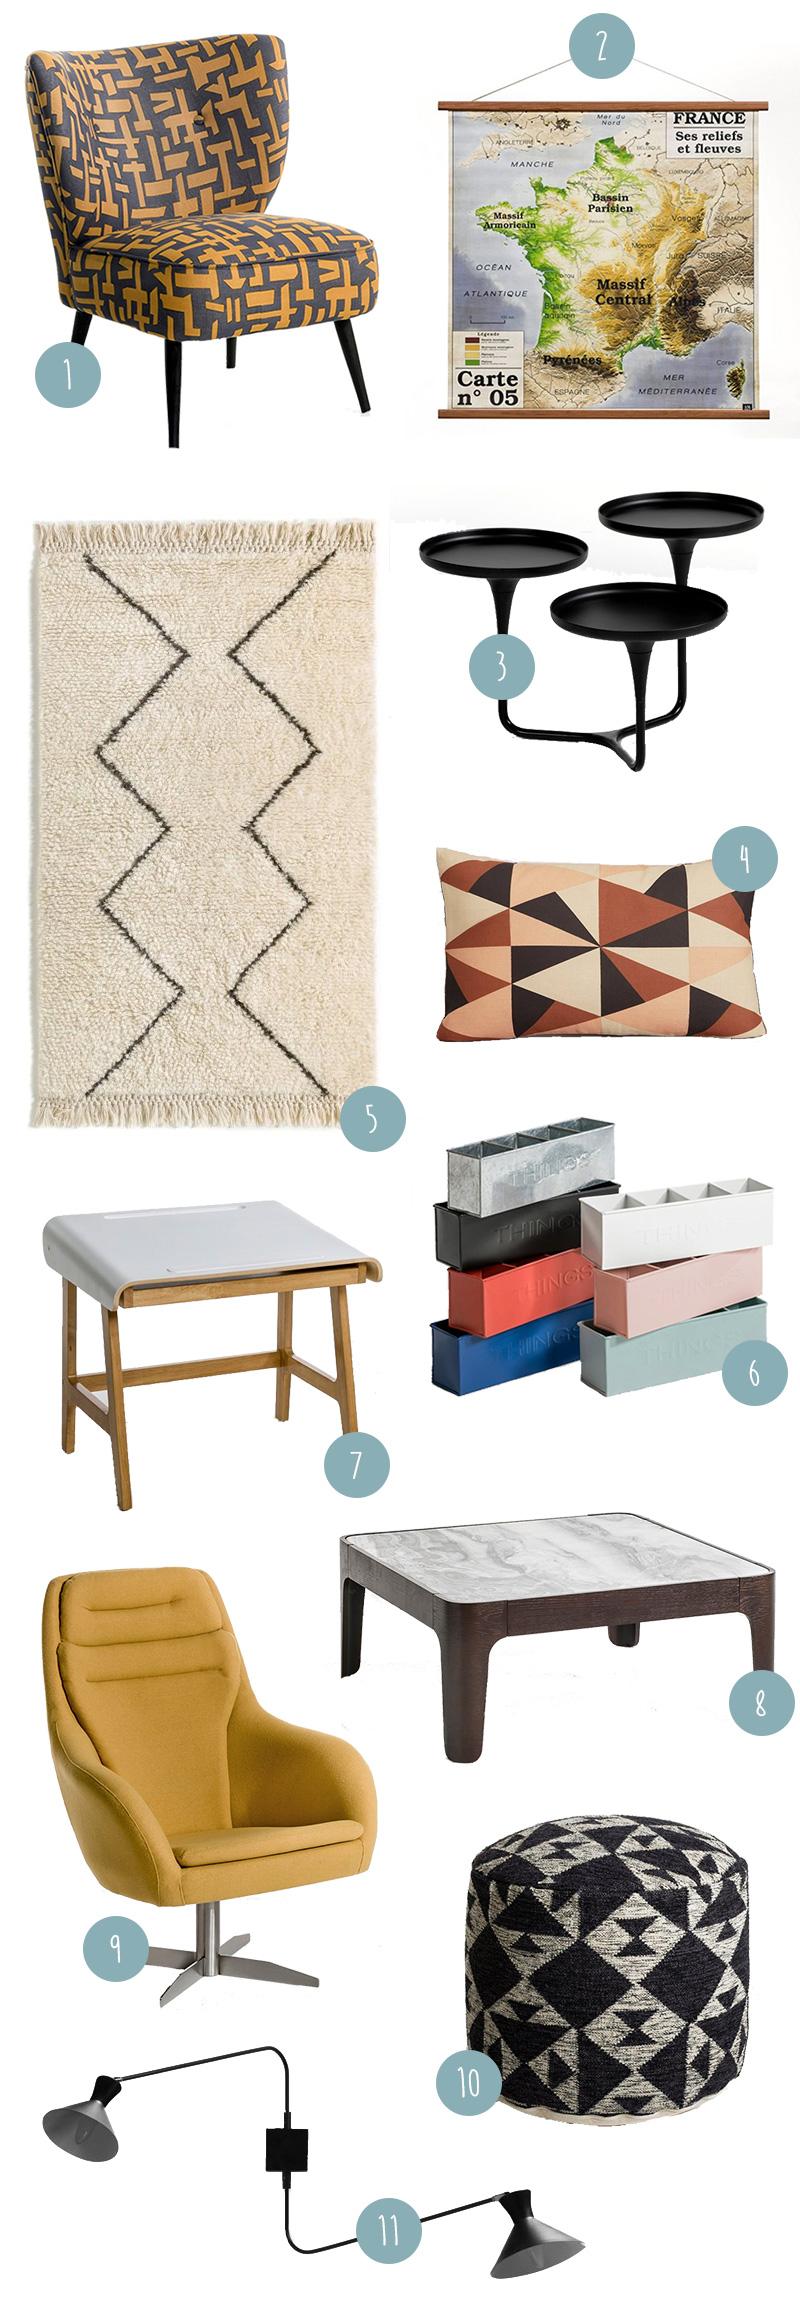 soldes mobilier et d co am pm. Black Bedroom Furniture Sets. Home Design Ideas